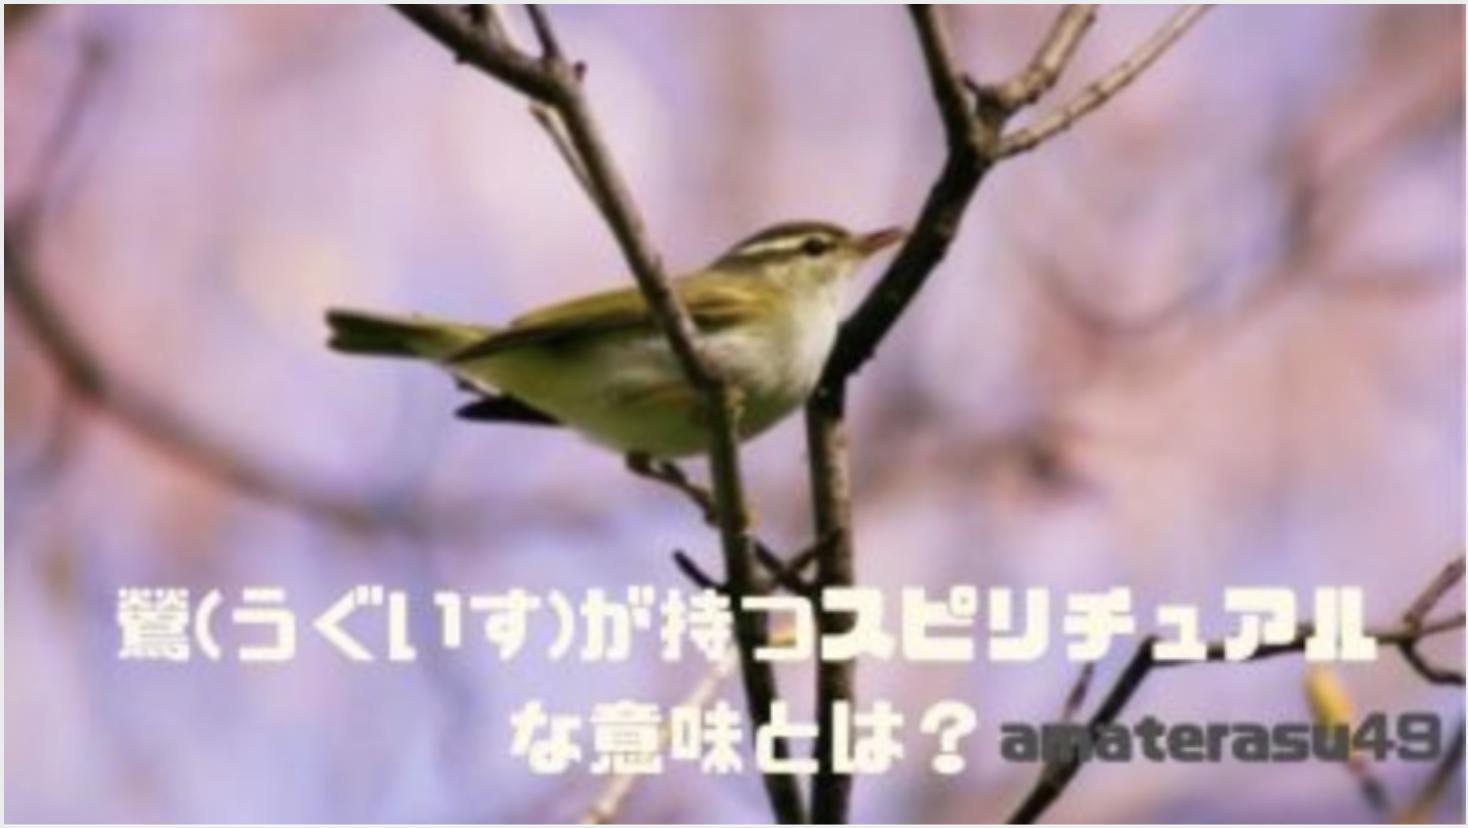 鶯(うぐいす)は幸運の象徴?鶯が持つスピリチュアルな意味とは?